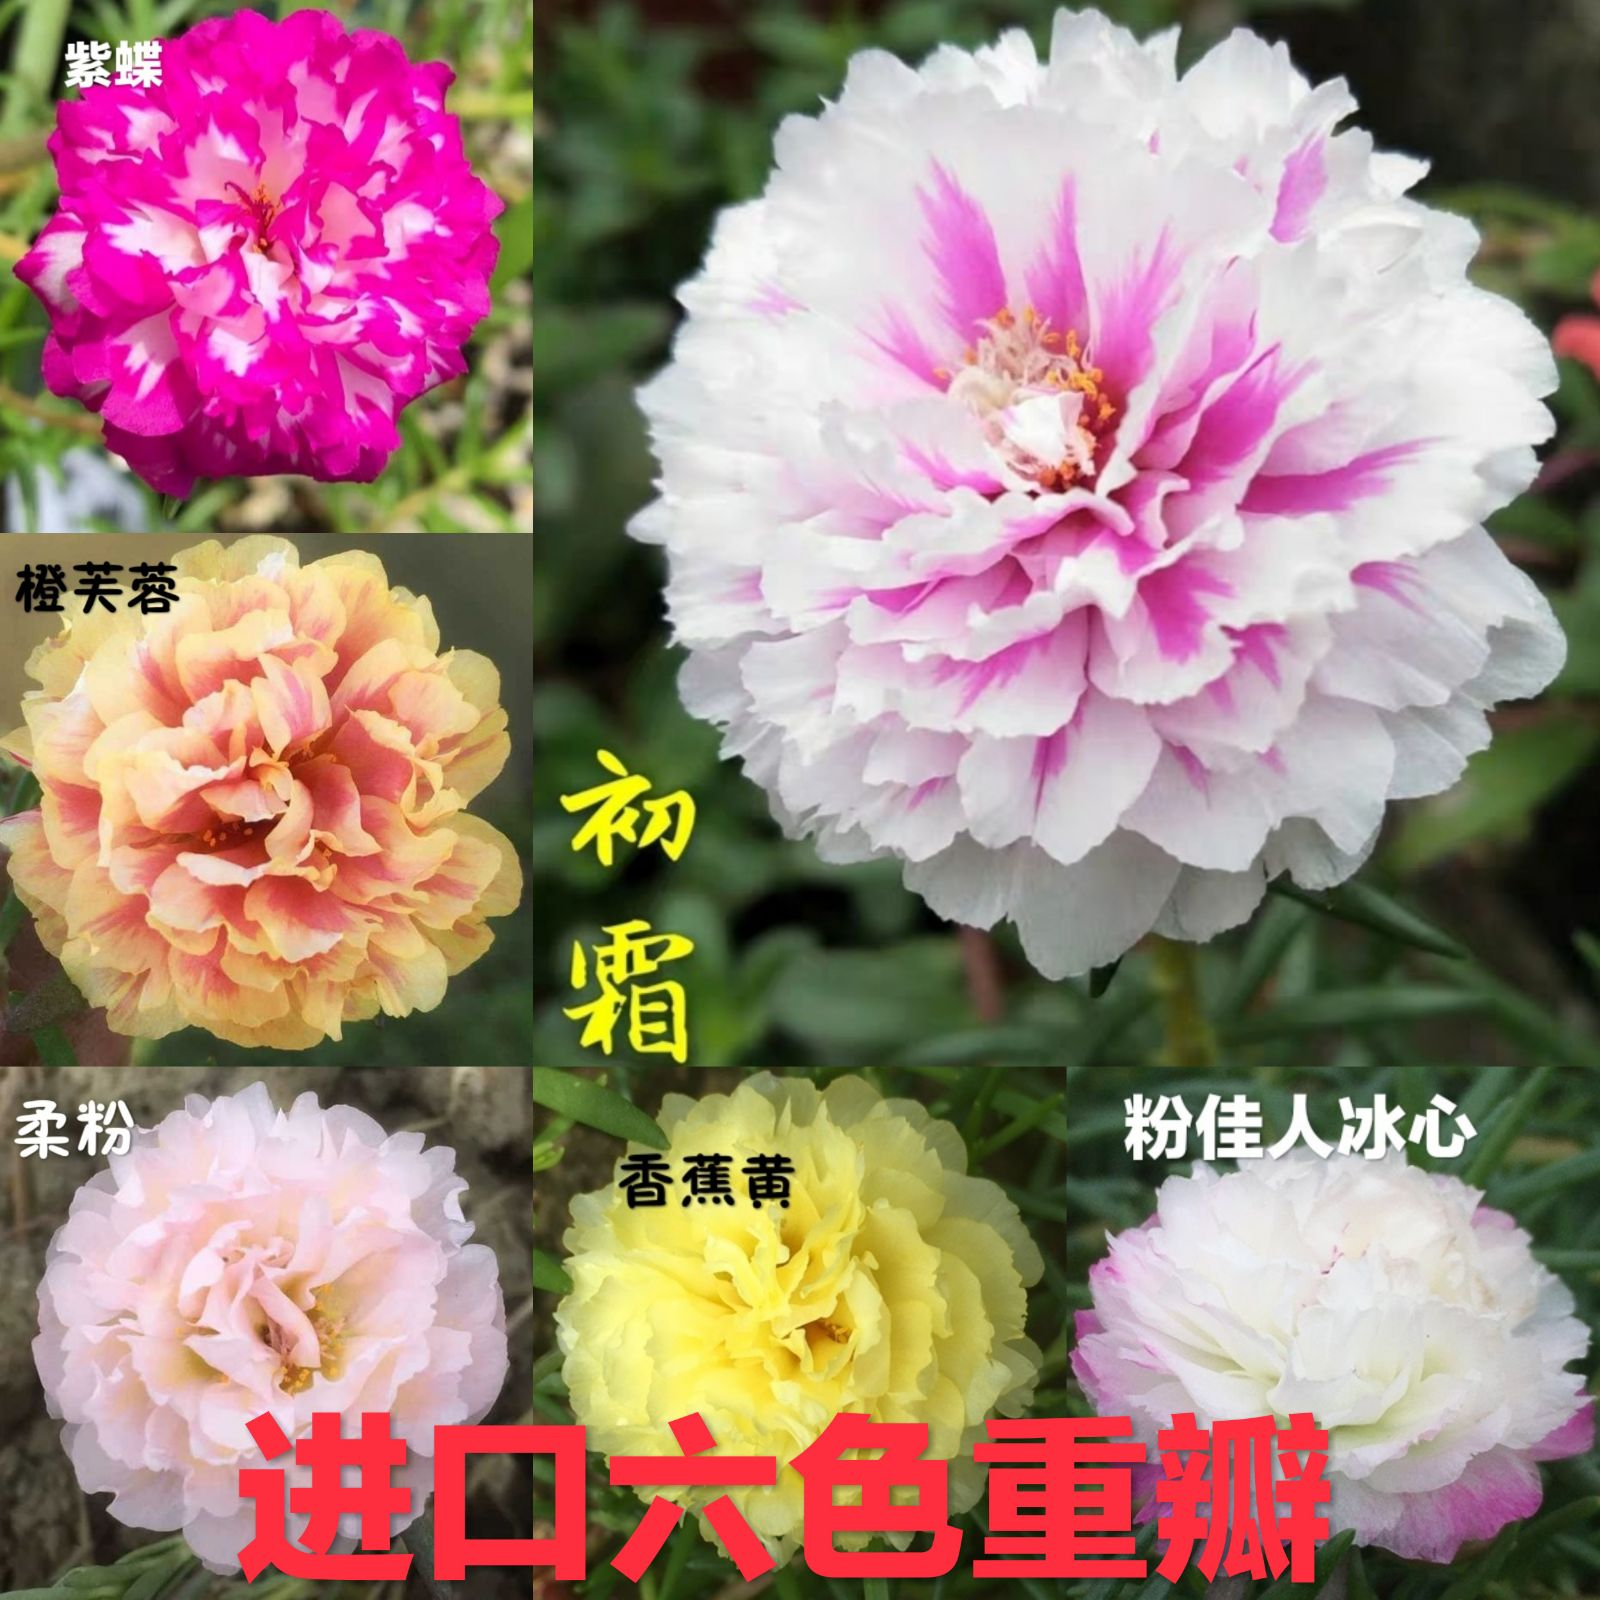 新品进口重瓣太阳花苗盆栽植物宿根太阳花开花不断阳台庭院带花苞